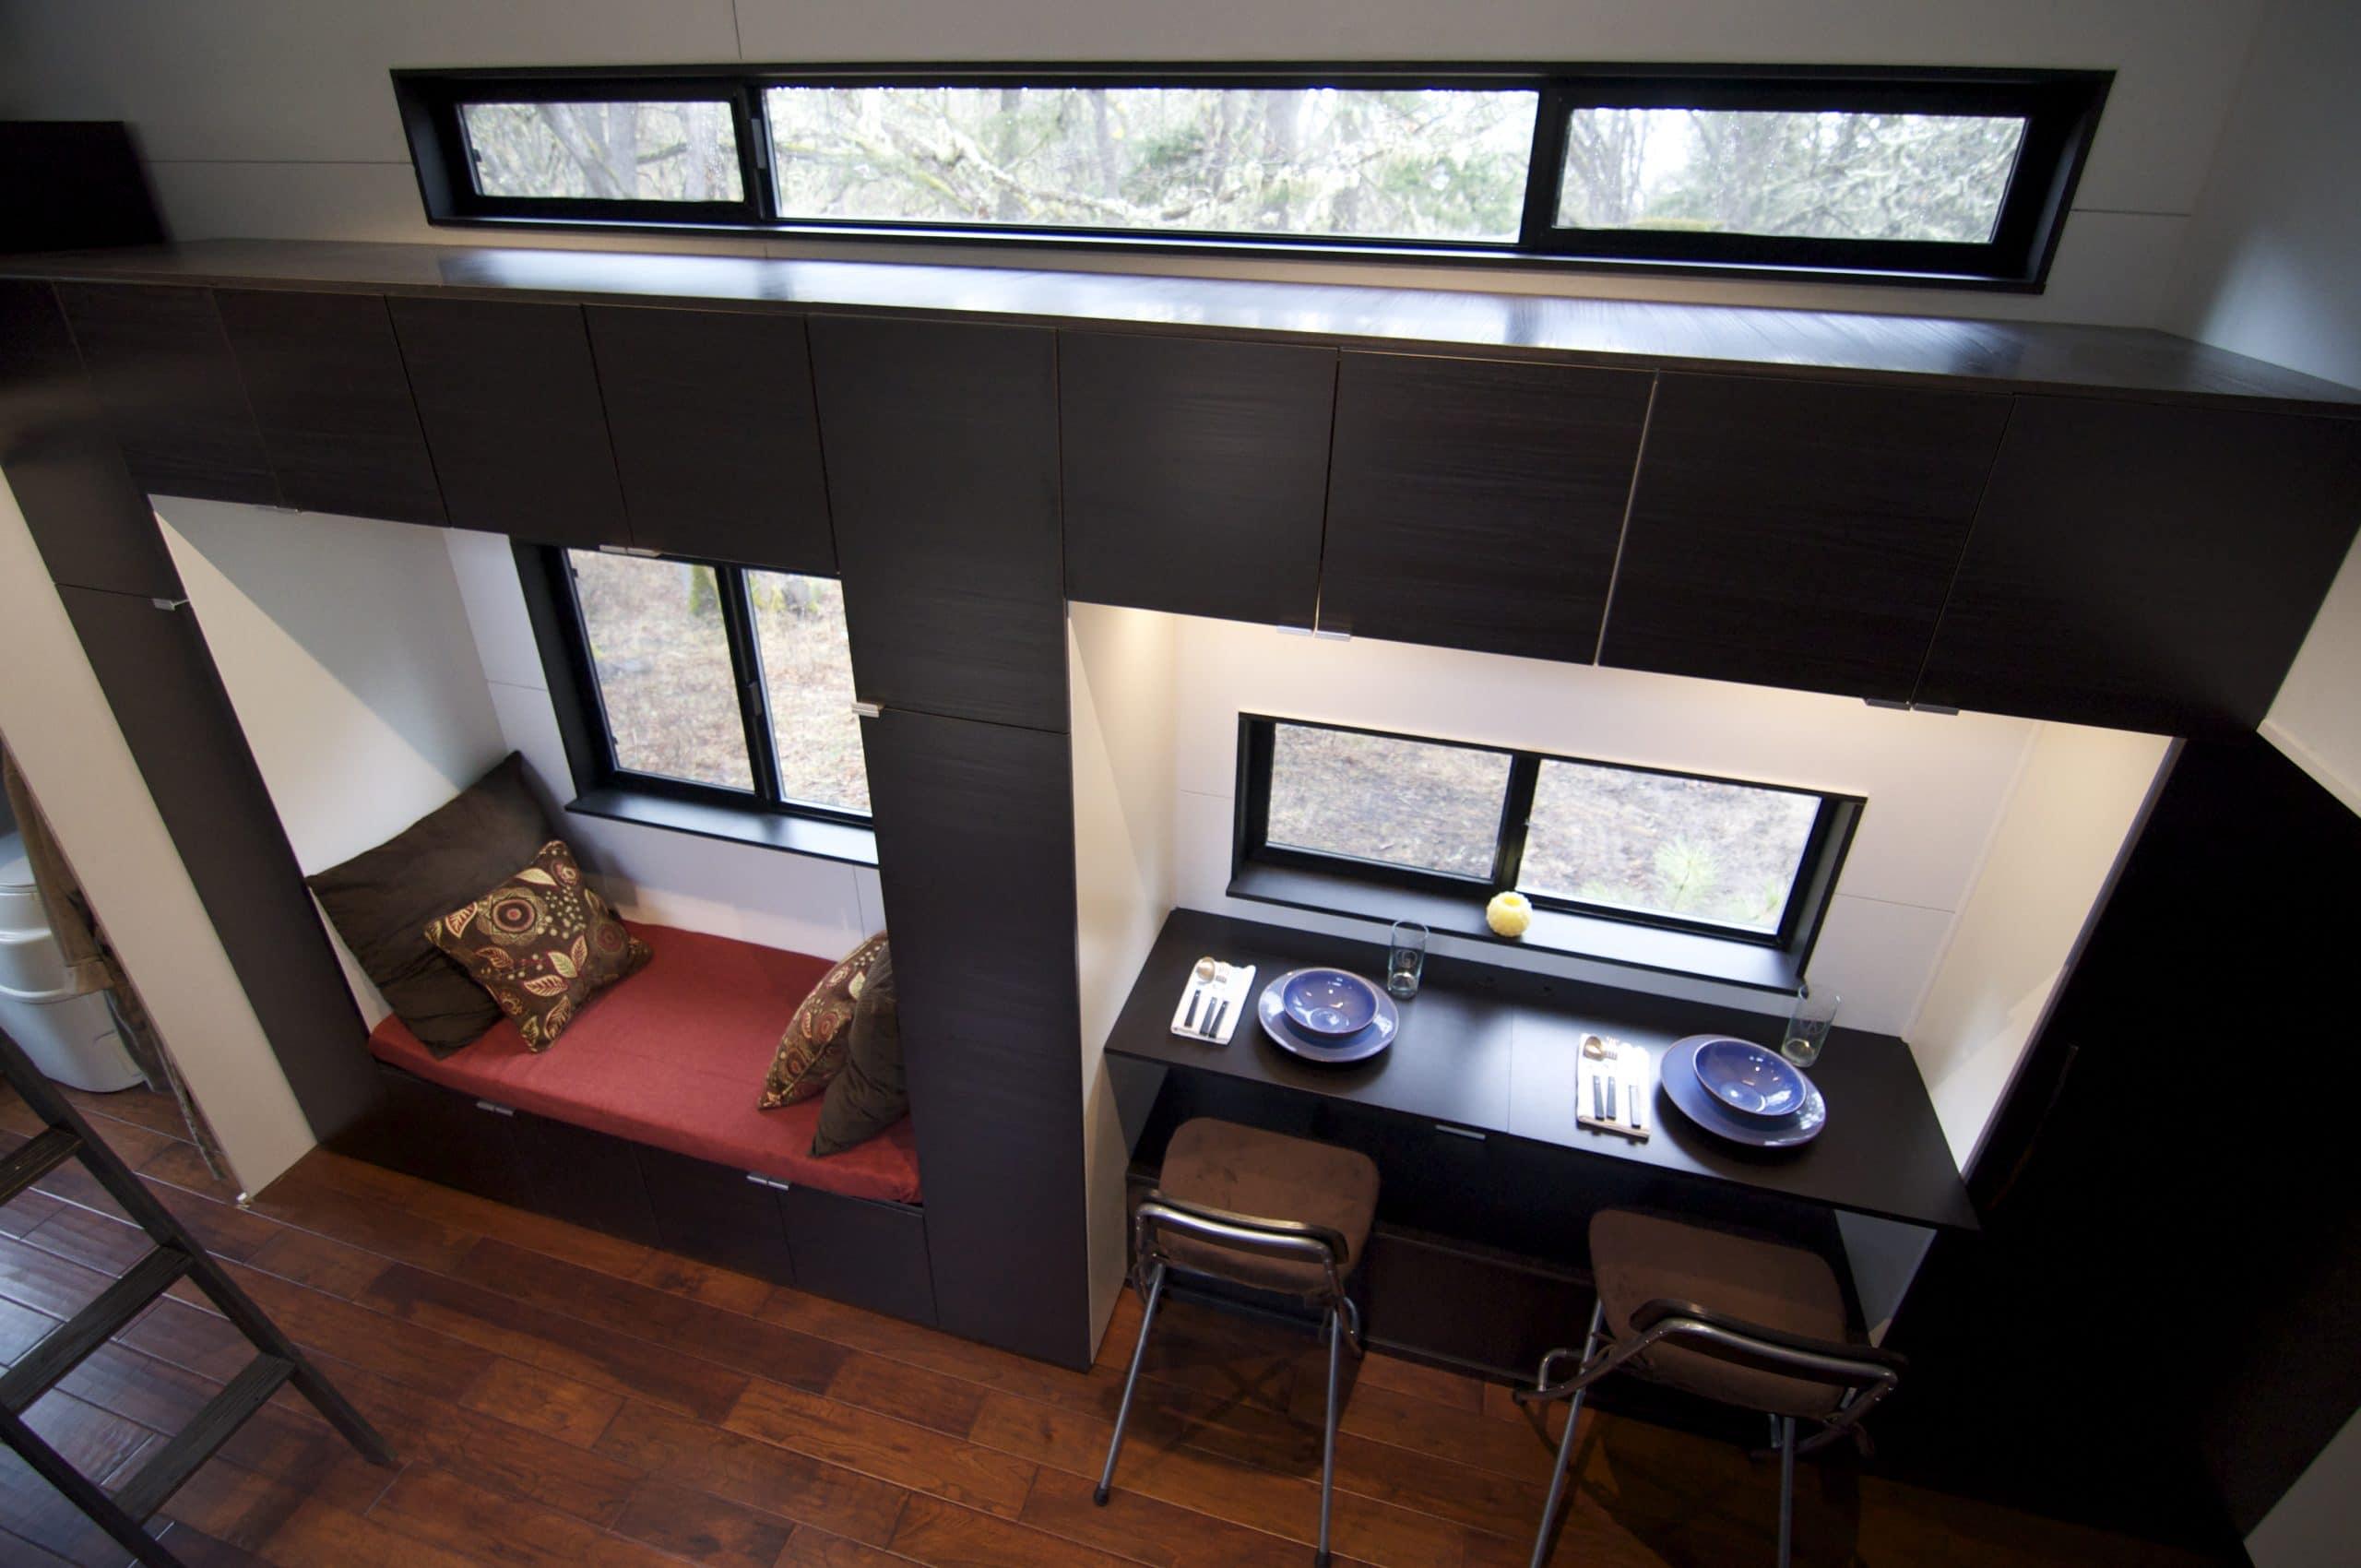 Dise o de casa muy peque a optimizando espacios for Decoracion de interiores casas pequenas 2014